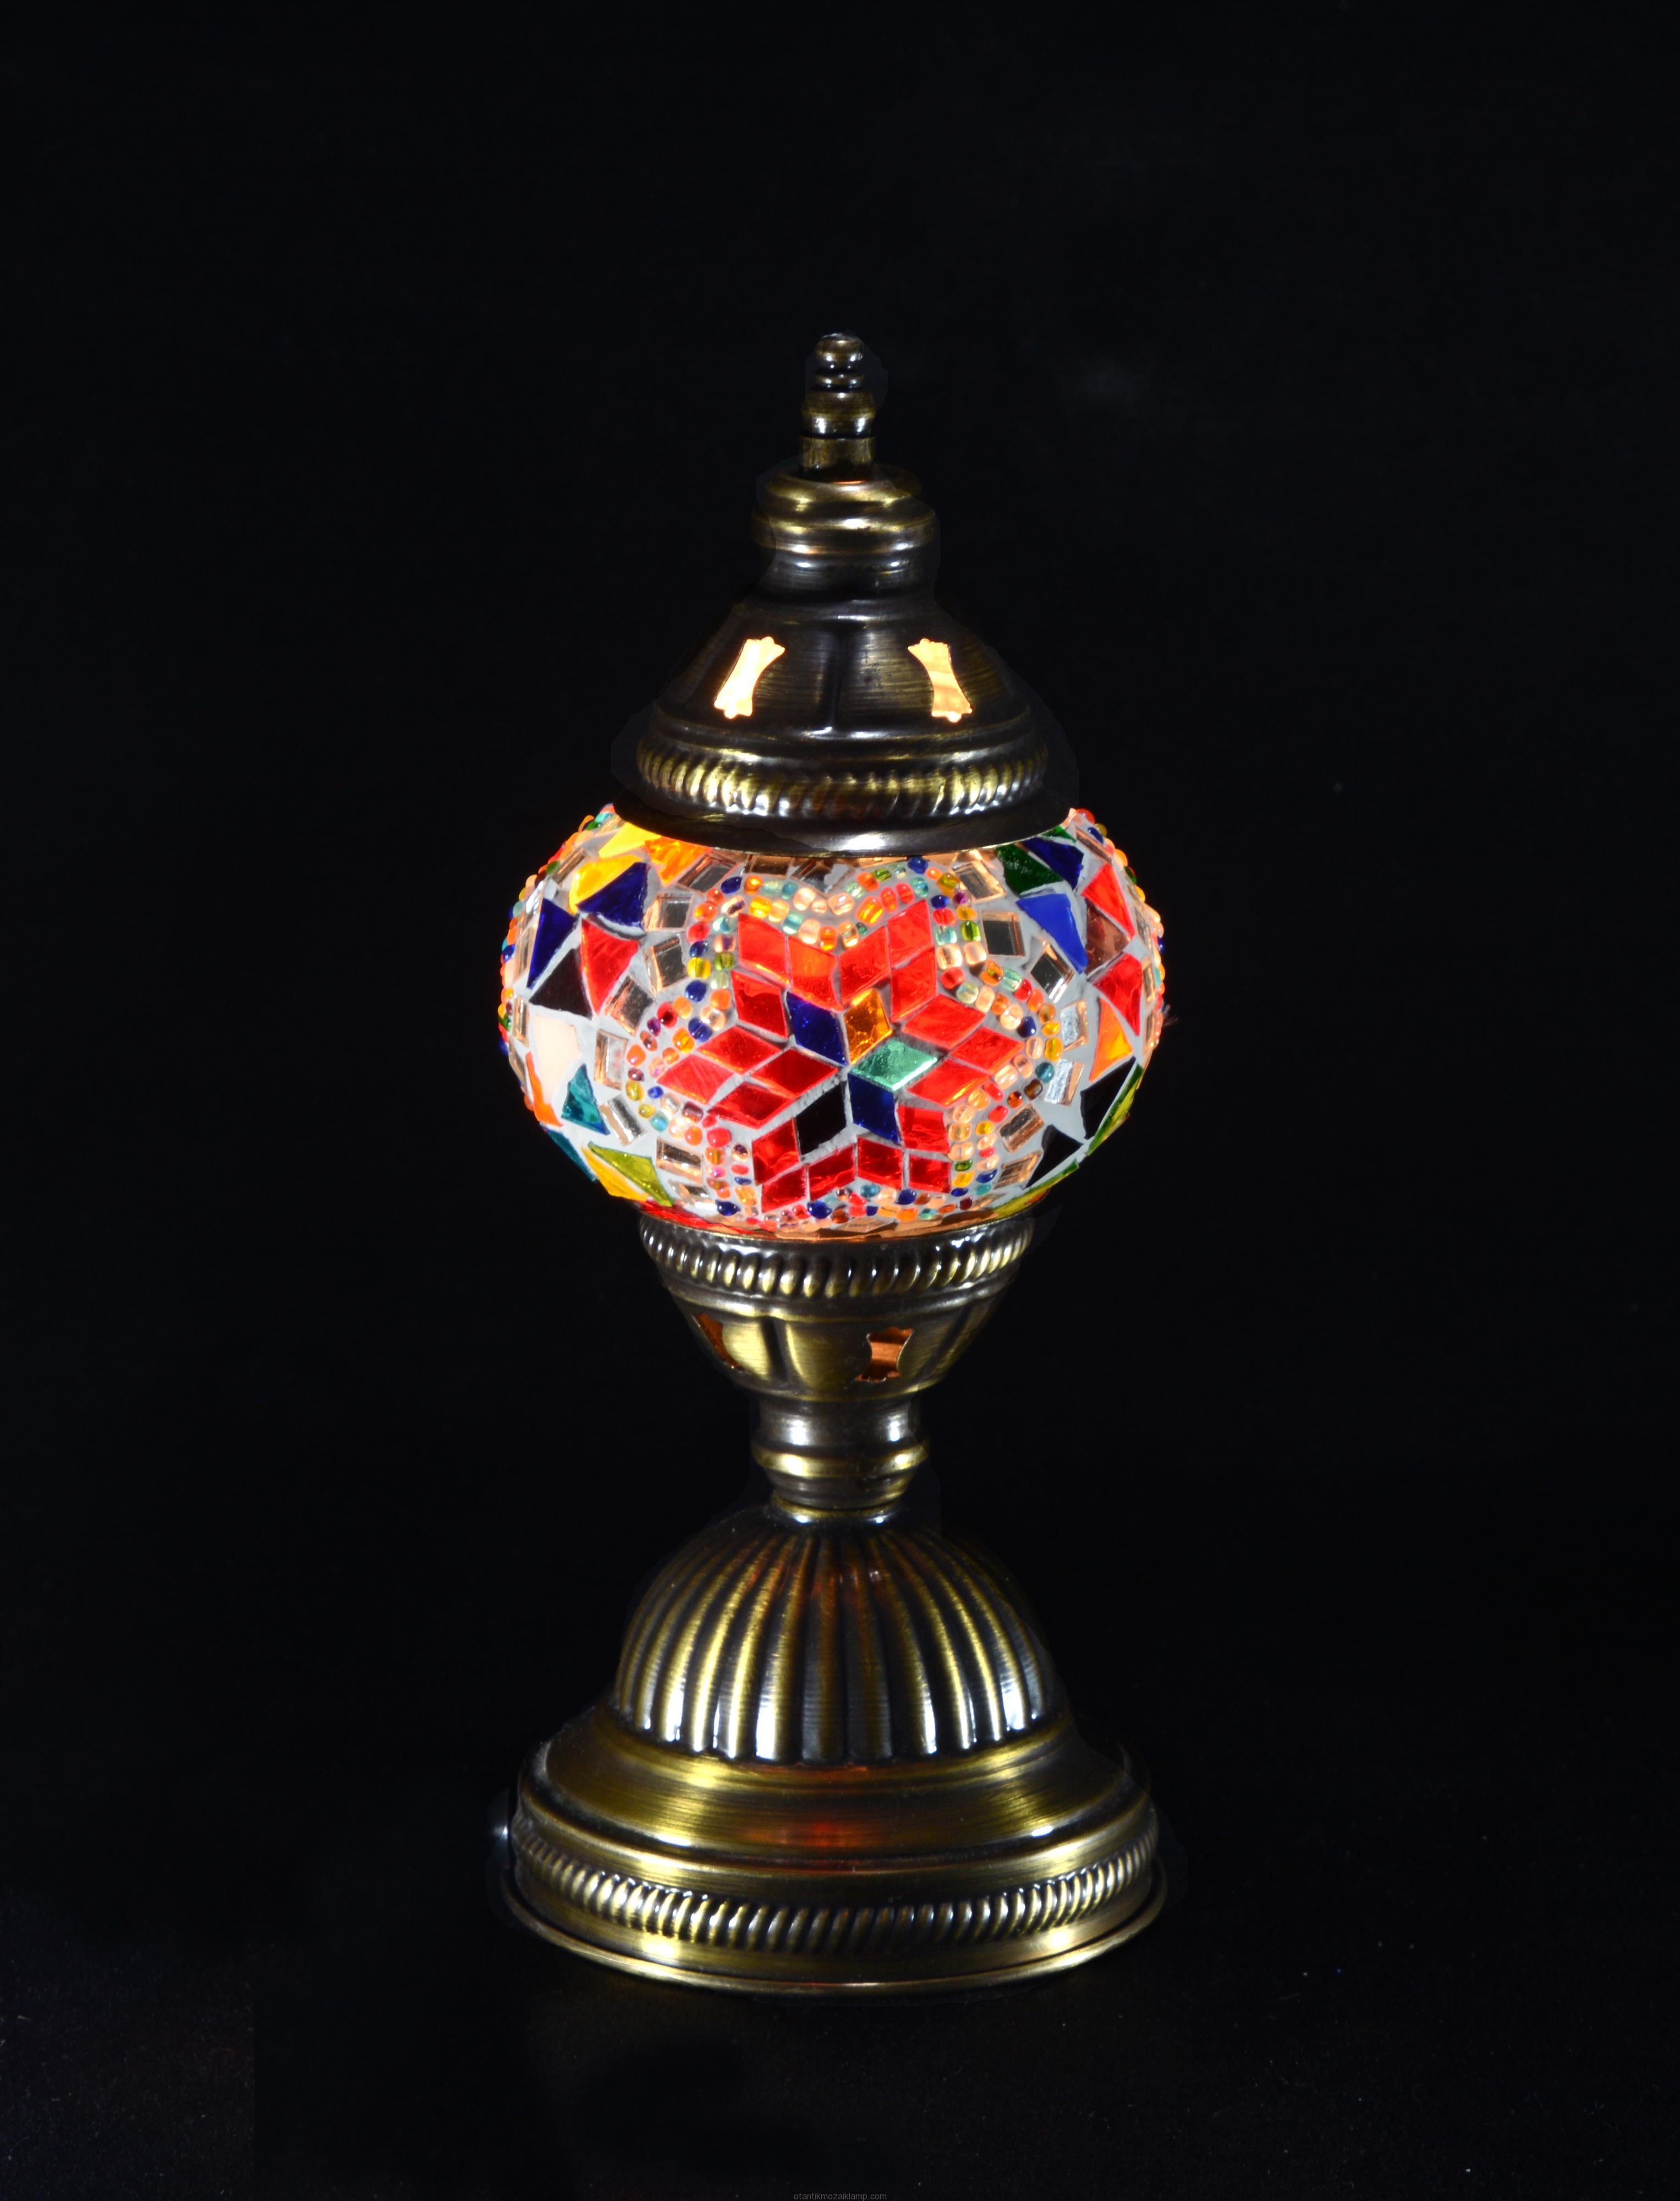 Toptan Masa 252 St 252 Mozaik Lamba Mosaic Lamp Mosaic Lamp